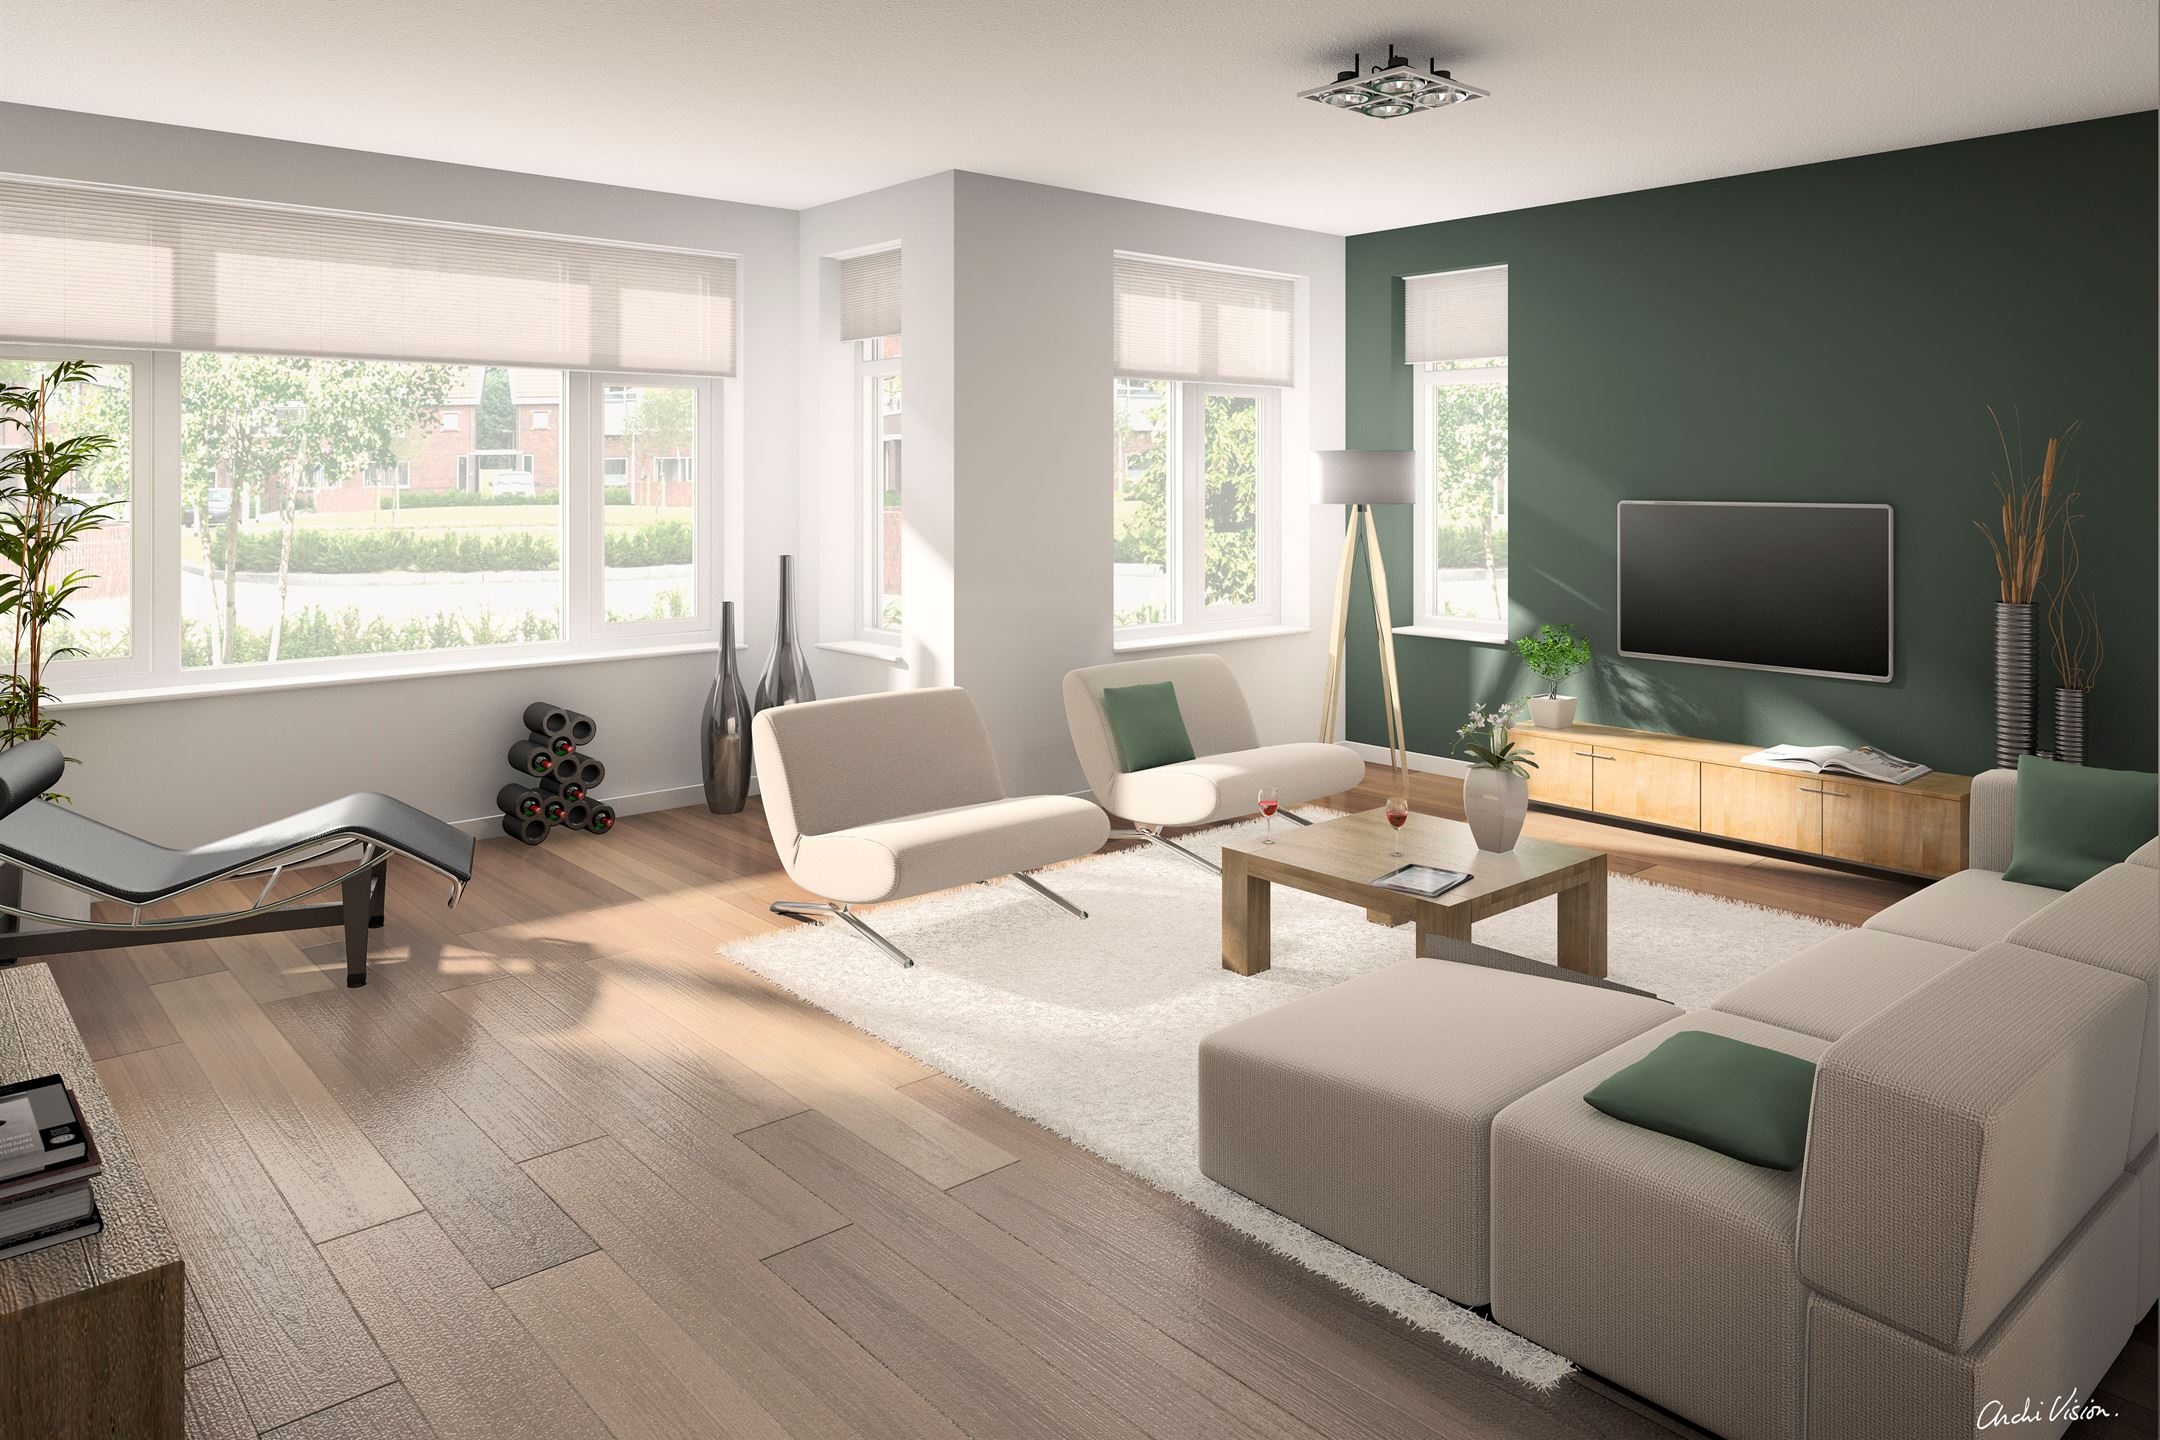 Verkocht bouwnummer bouwnr 5b 3264 nieuw beijerland for Kleurenpalet interieur